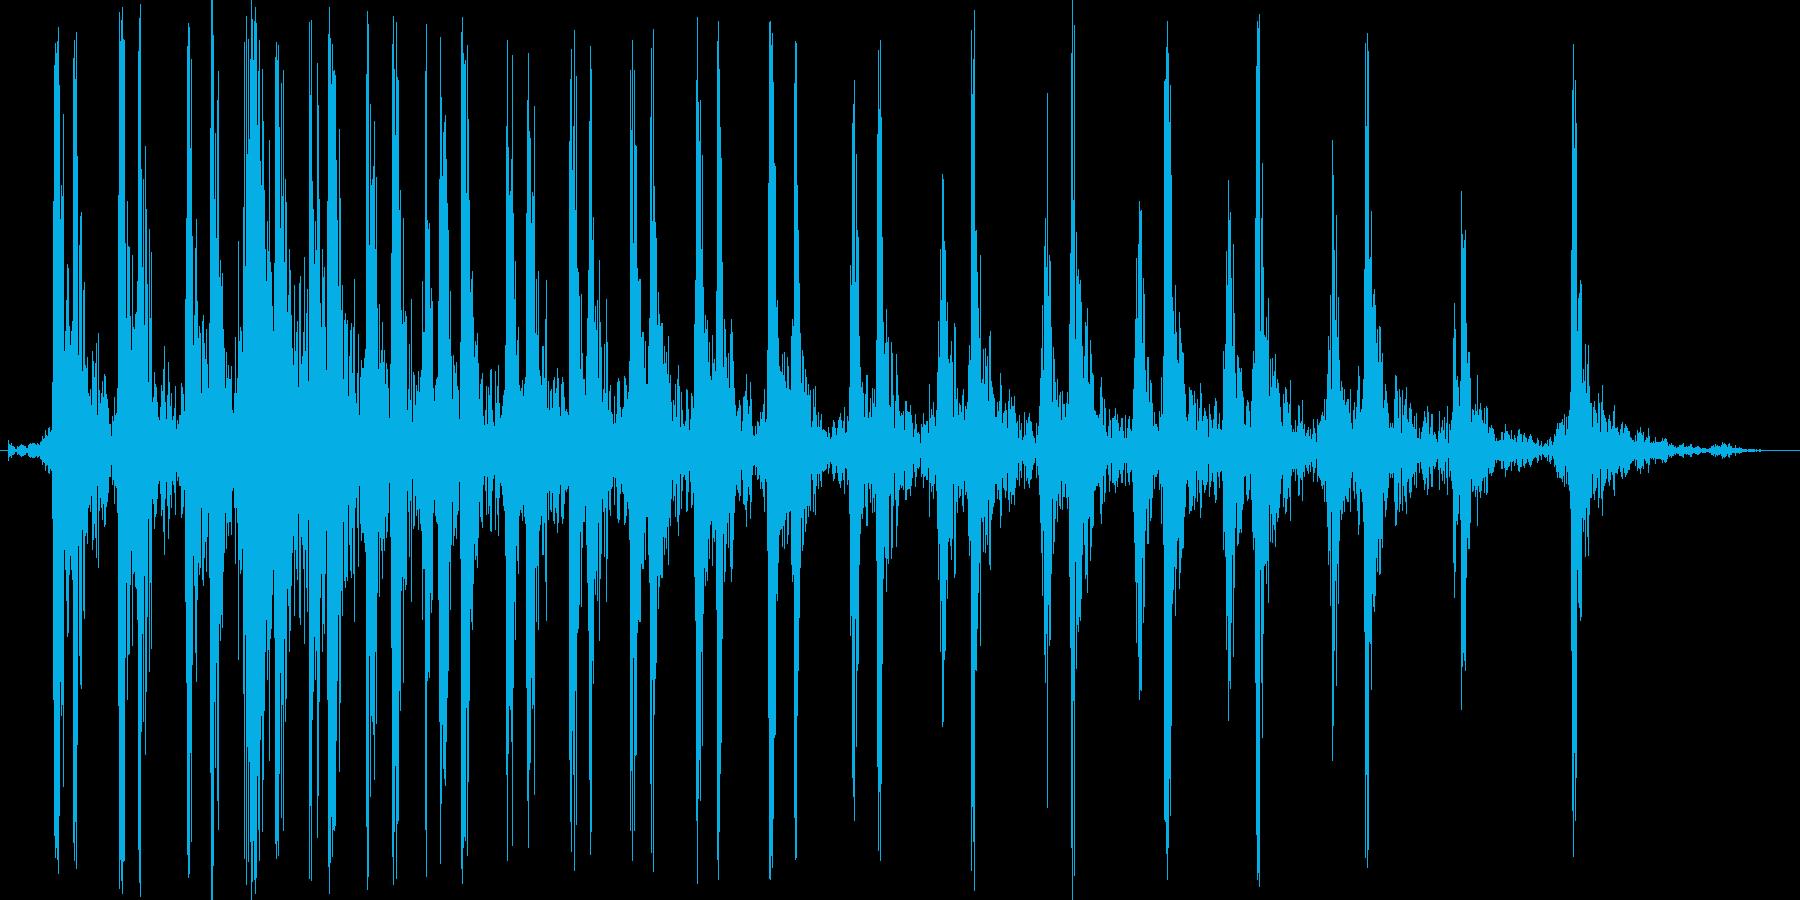 グォンドド。バイクのエンジンをかける音の再生済みの波形